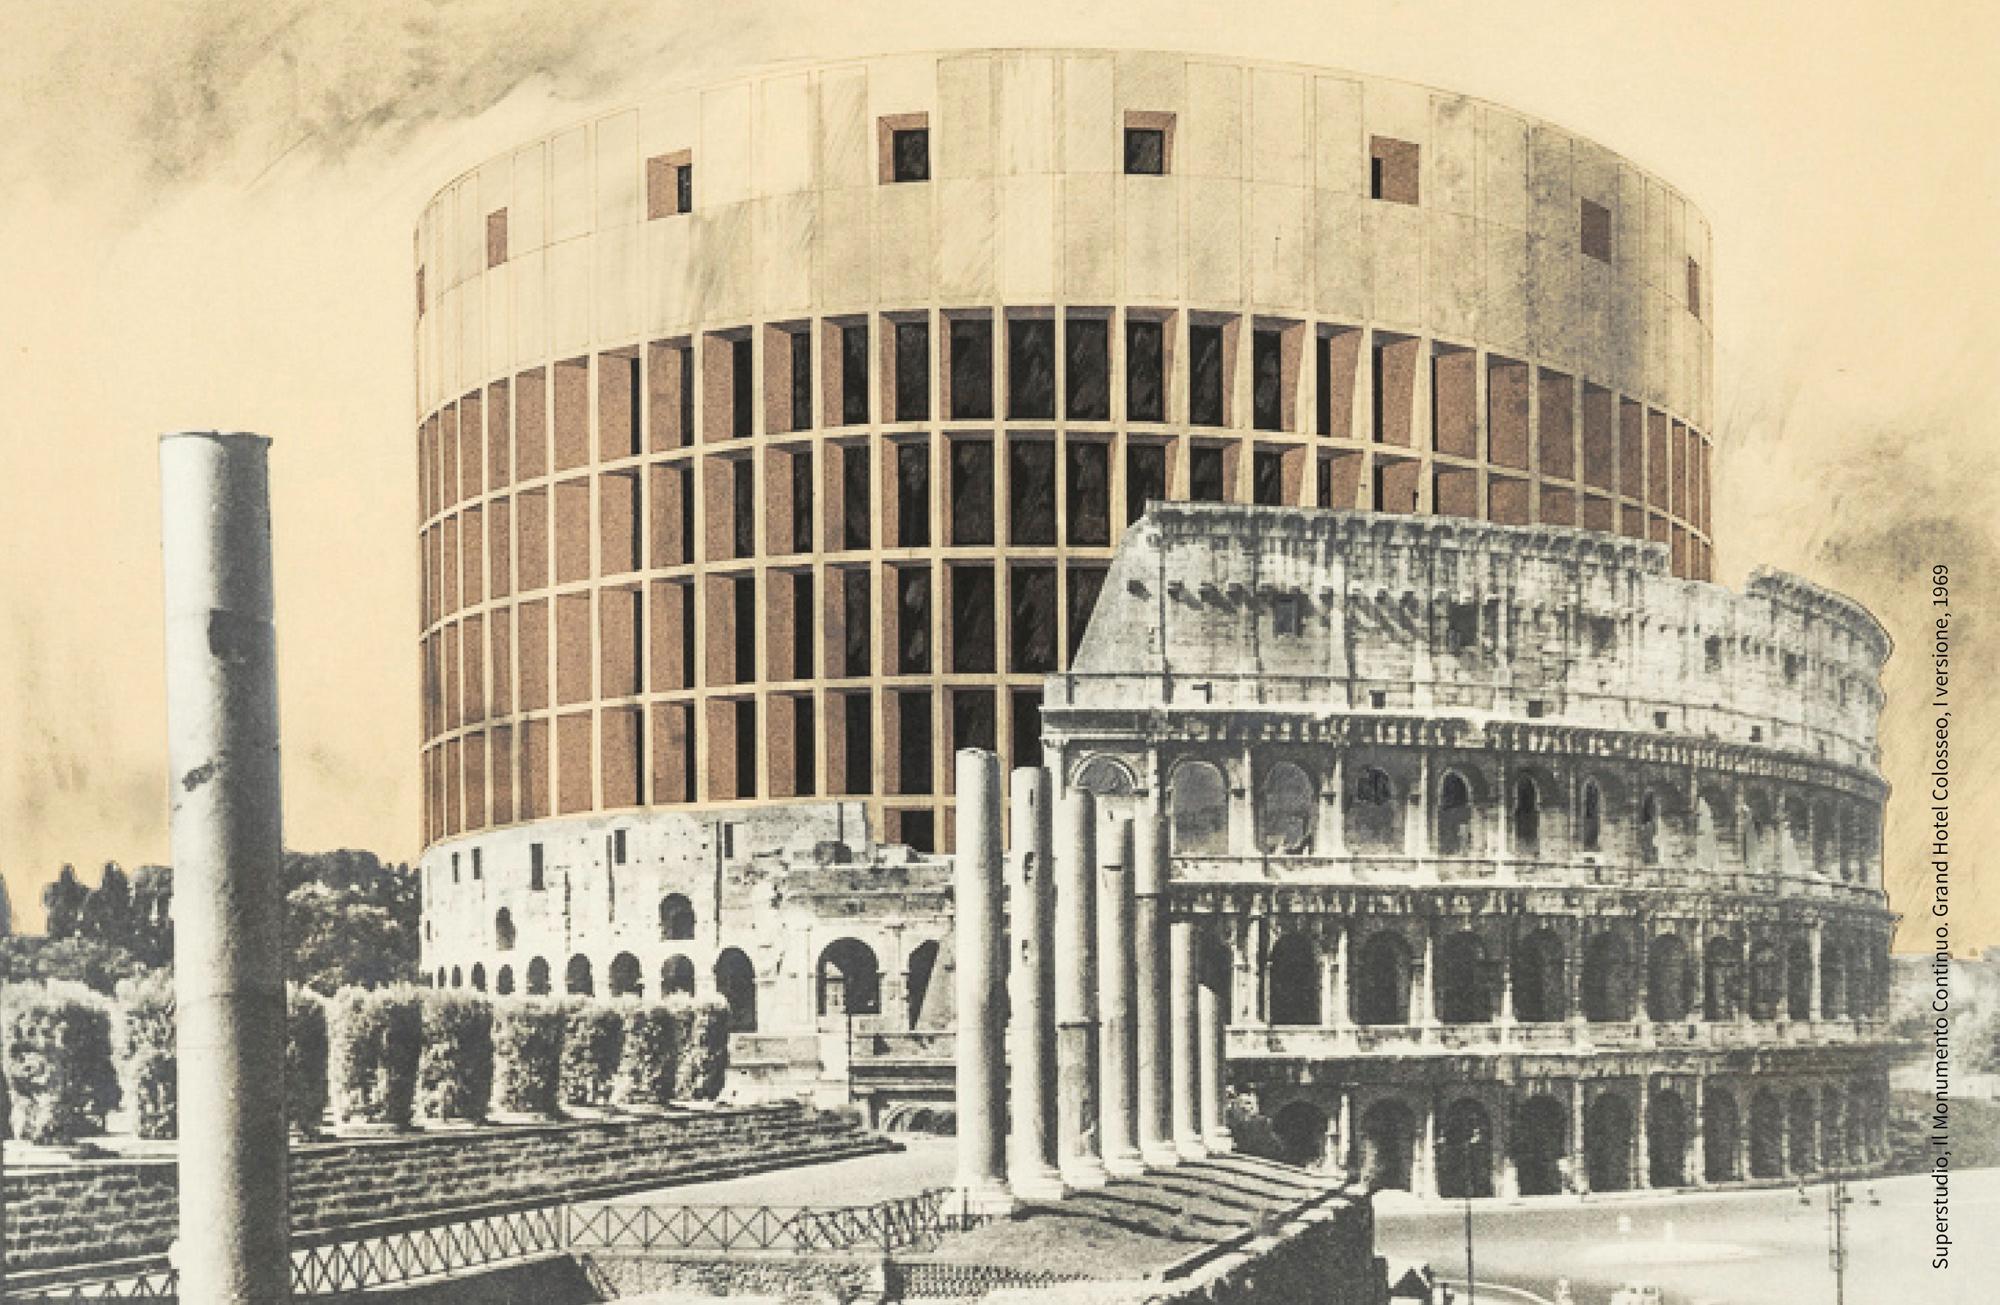 Superstudio, Il Monumento Continuo, Grand Hotel Colosseo, 1969, fotomontaggio, courtesy Fondazione MAXXI